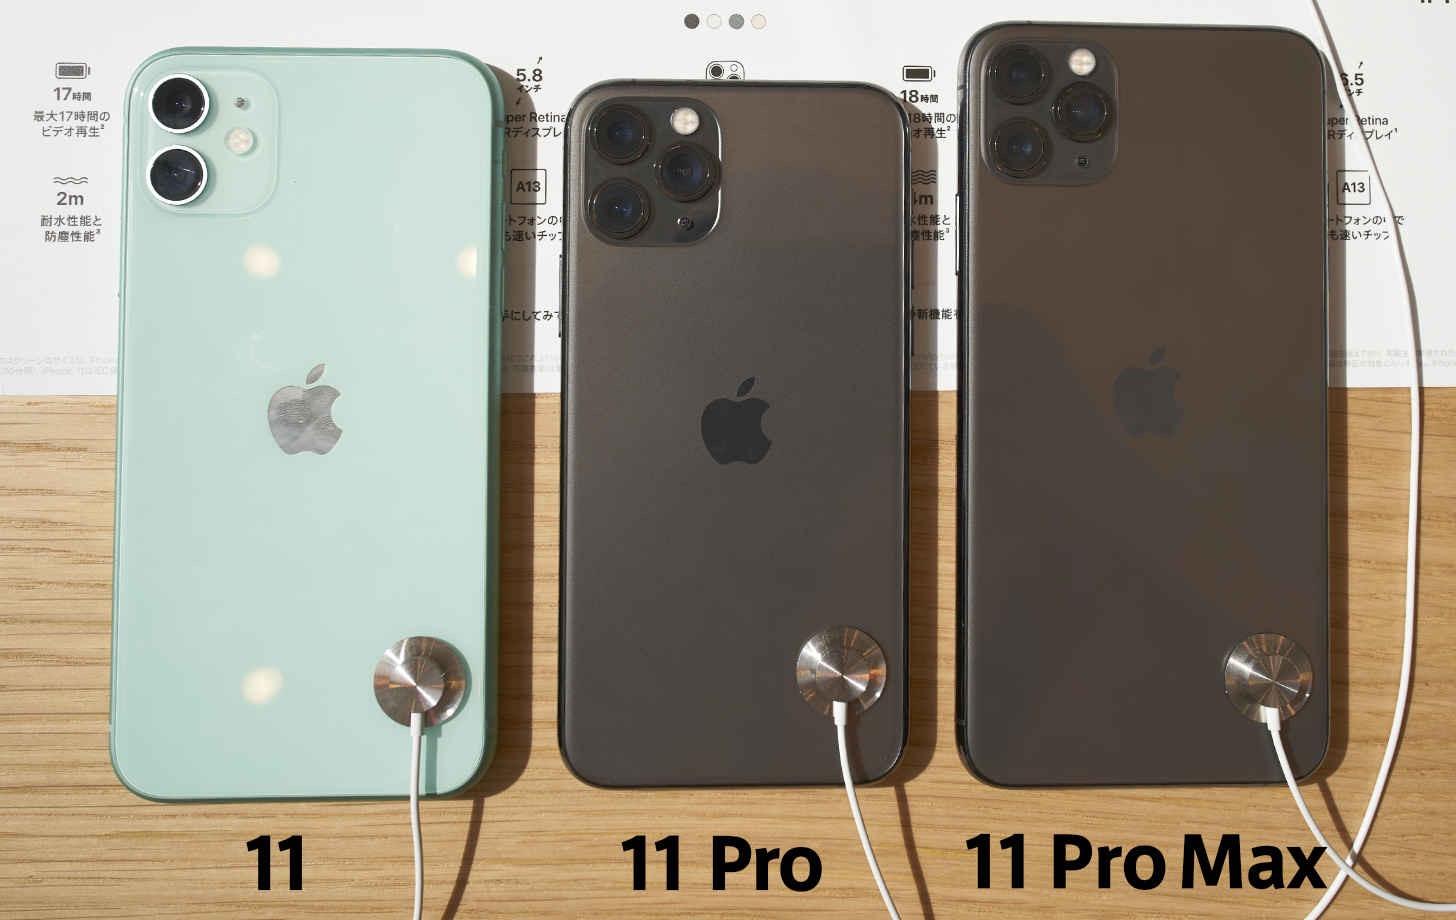 Iphone11シリーズのサイズ比較